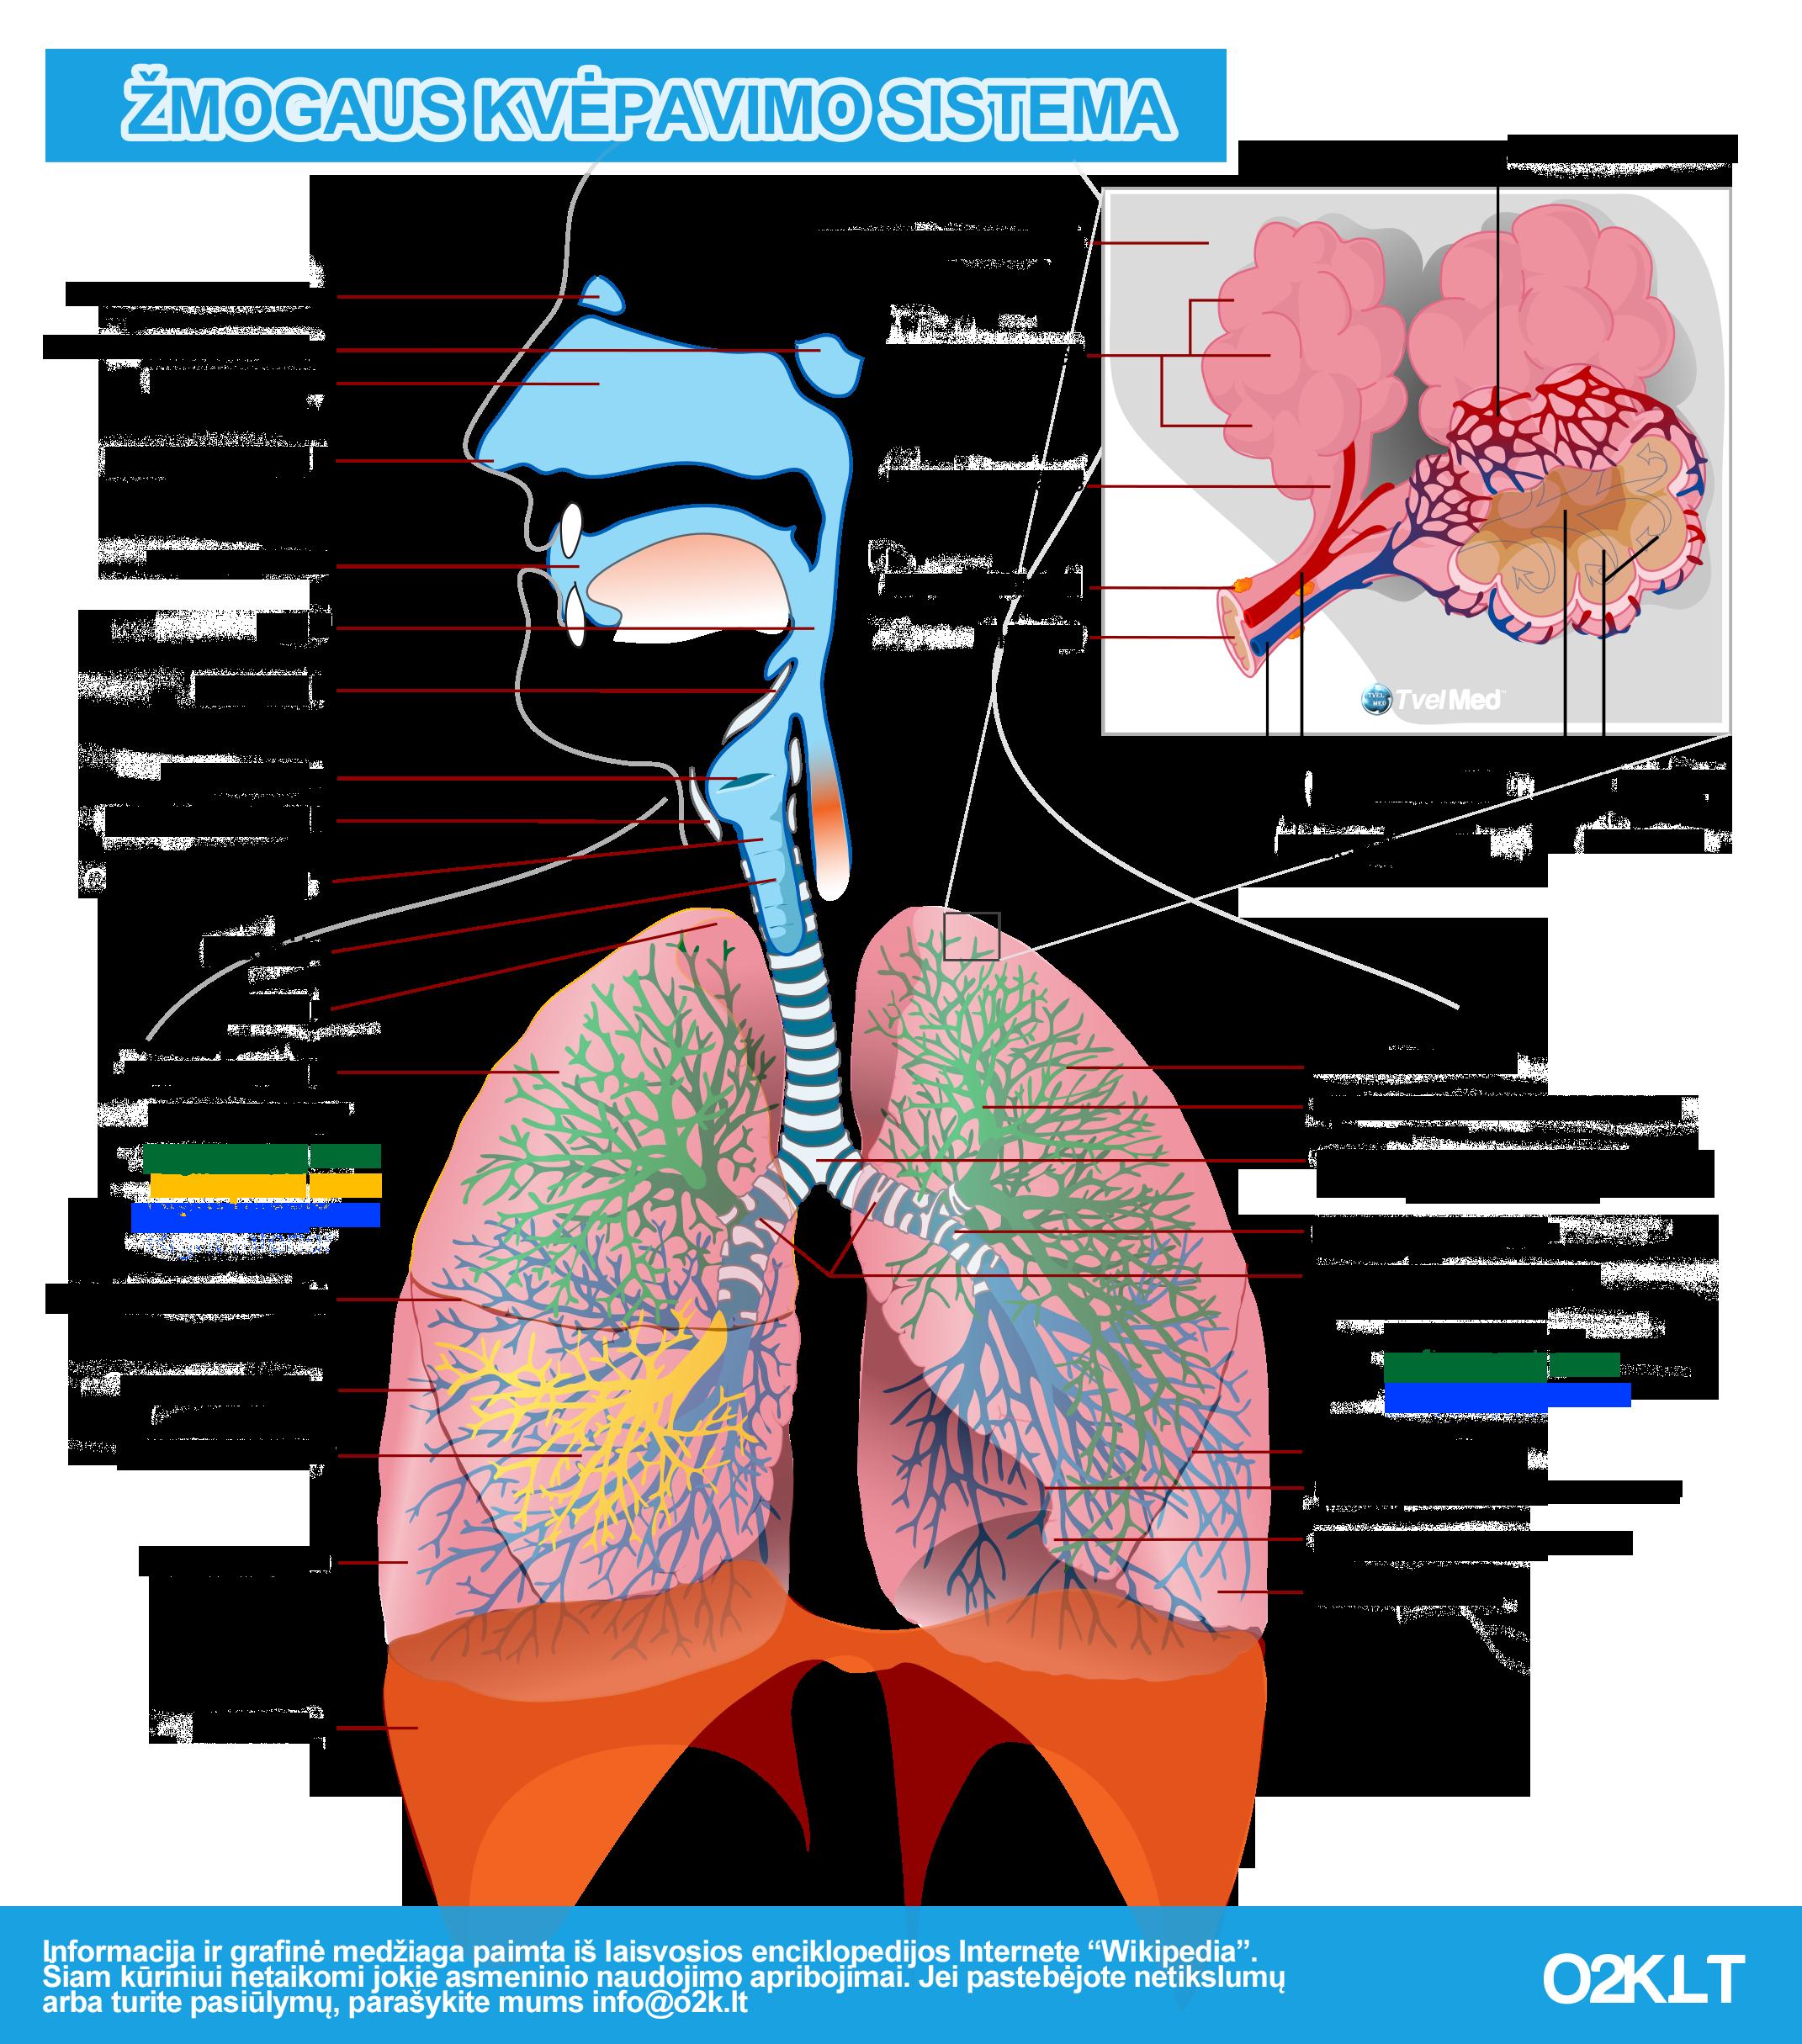 Zmogaus kvepavimo sistema